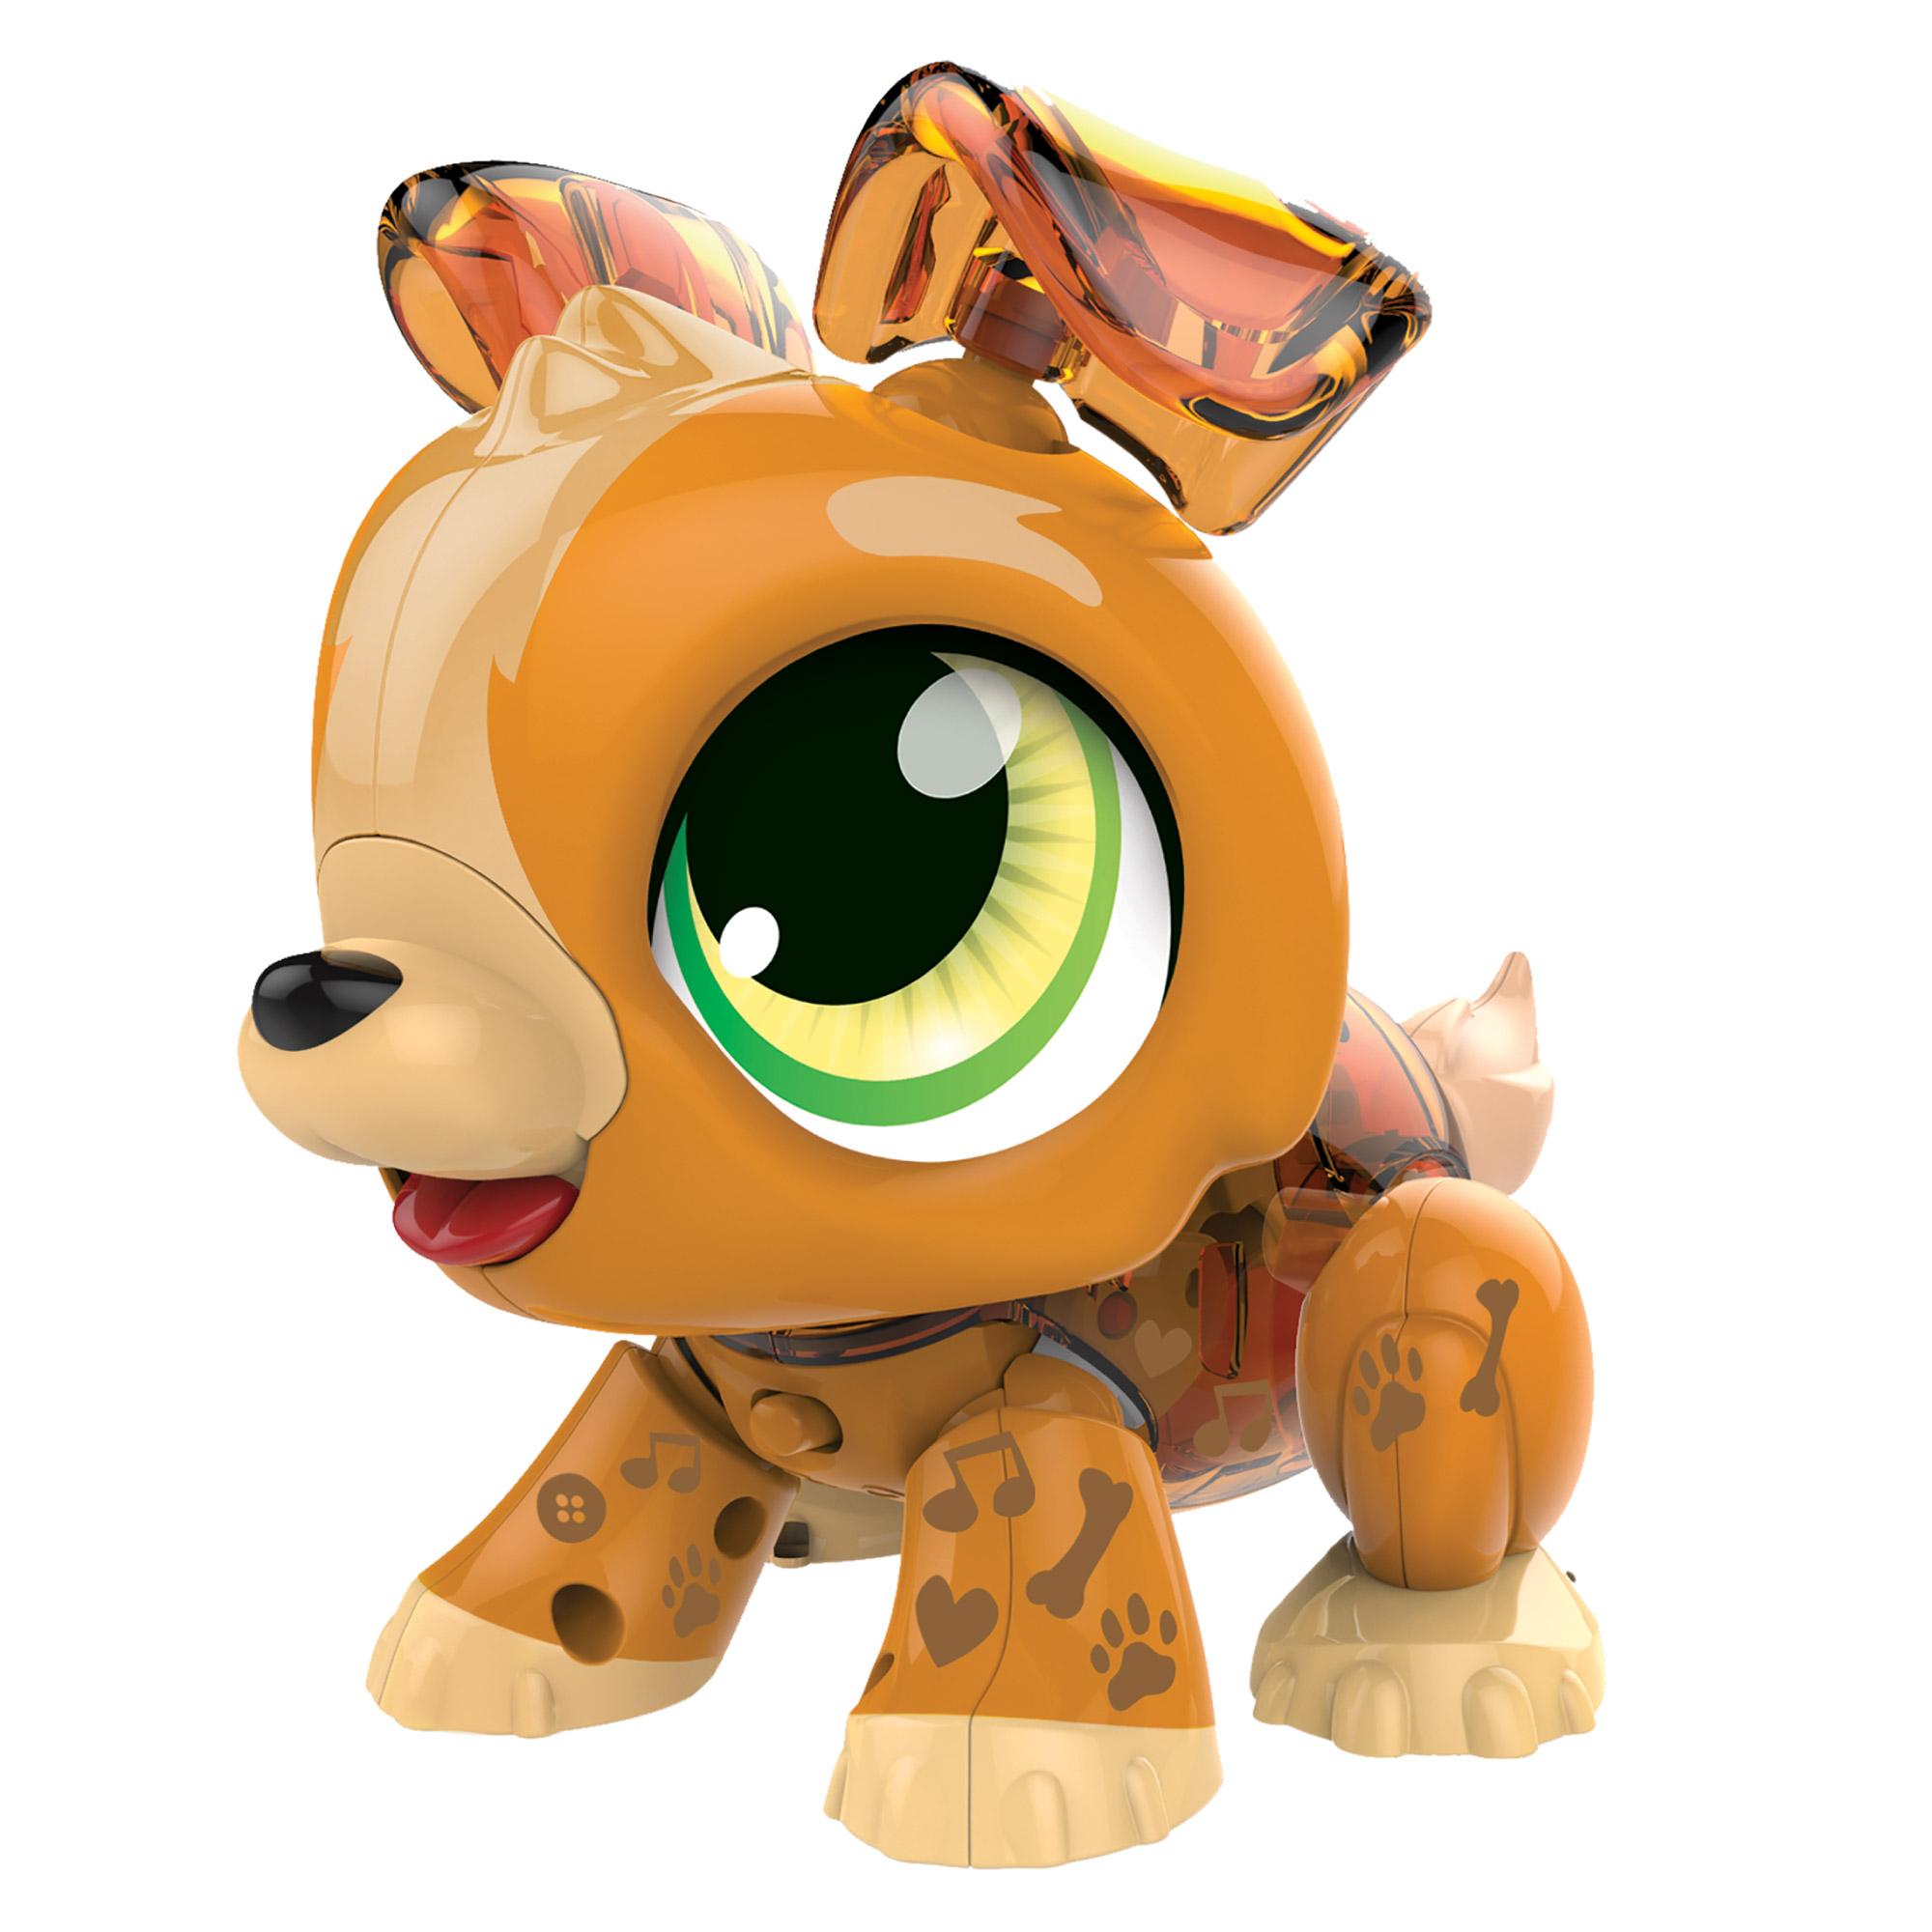 Фото - Интерактивная игрушка 1toy РобоЛайф Щенок игрушка интерактивная 1toy robo pets робо щенок розовый